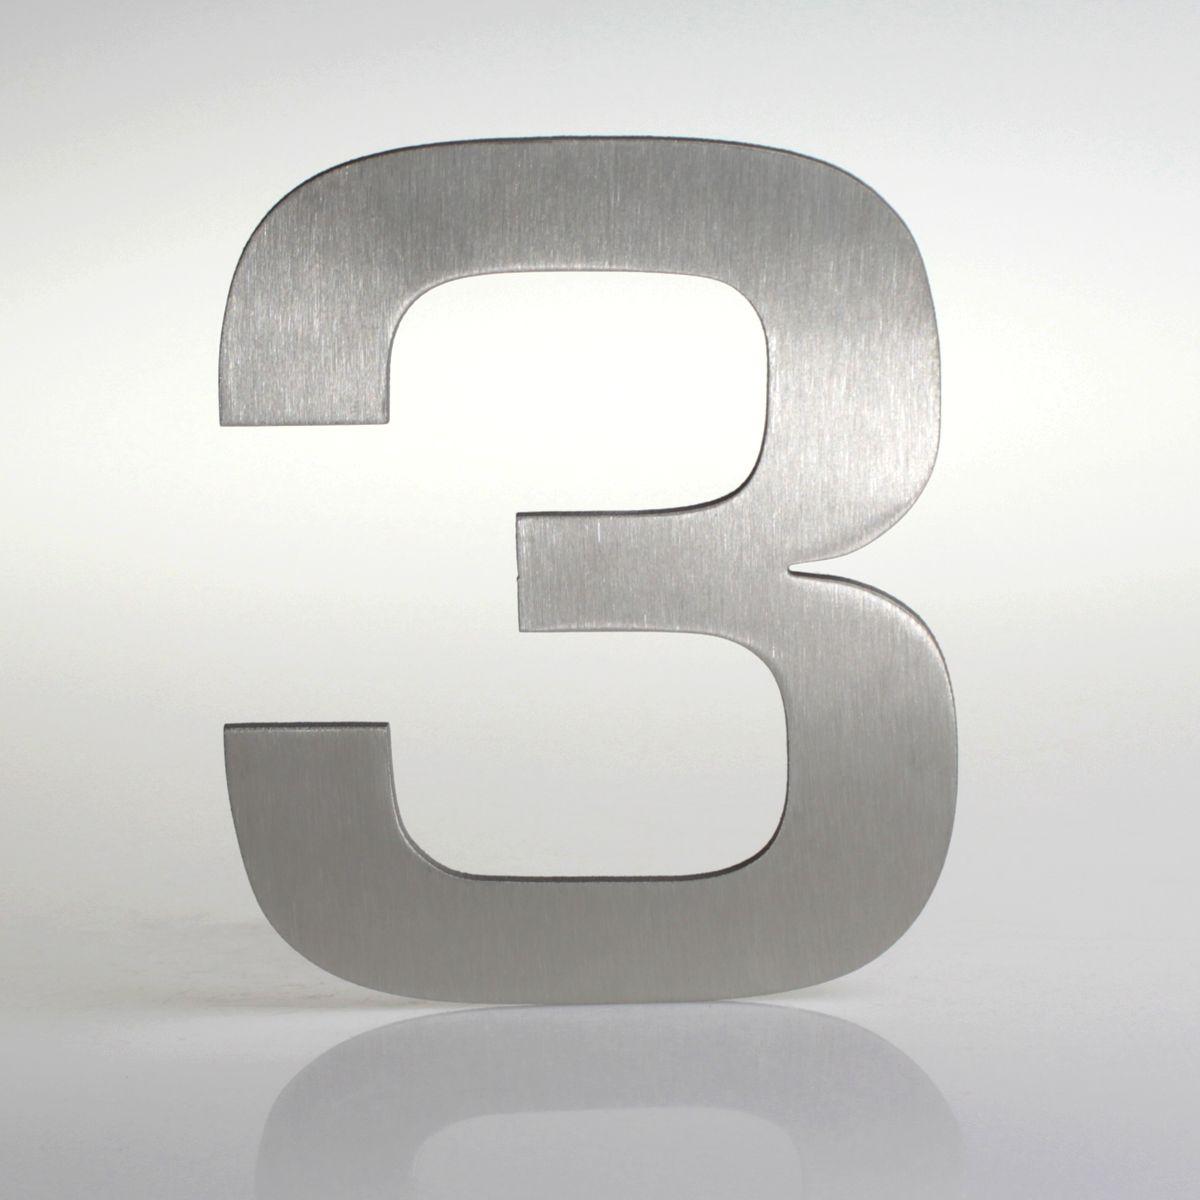 Domovní číslo popisné Nerez EUROMODE - č. 3